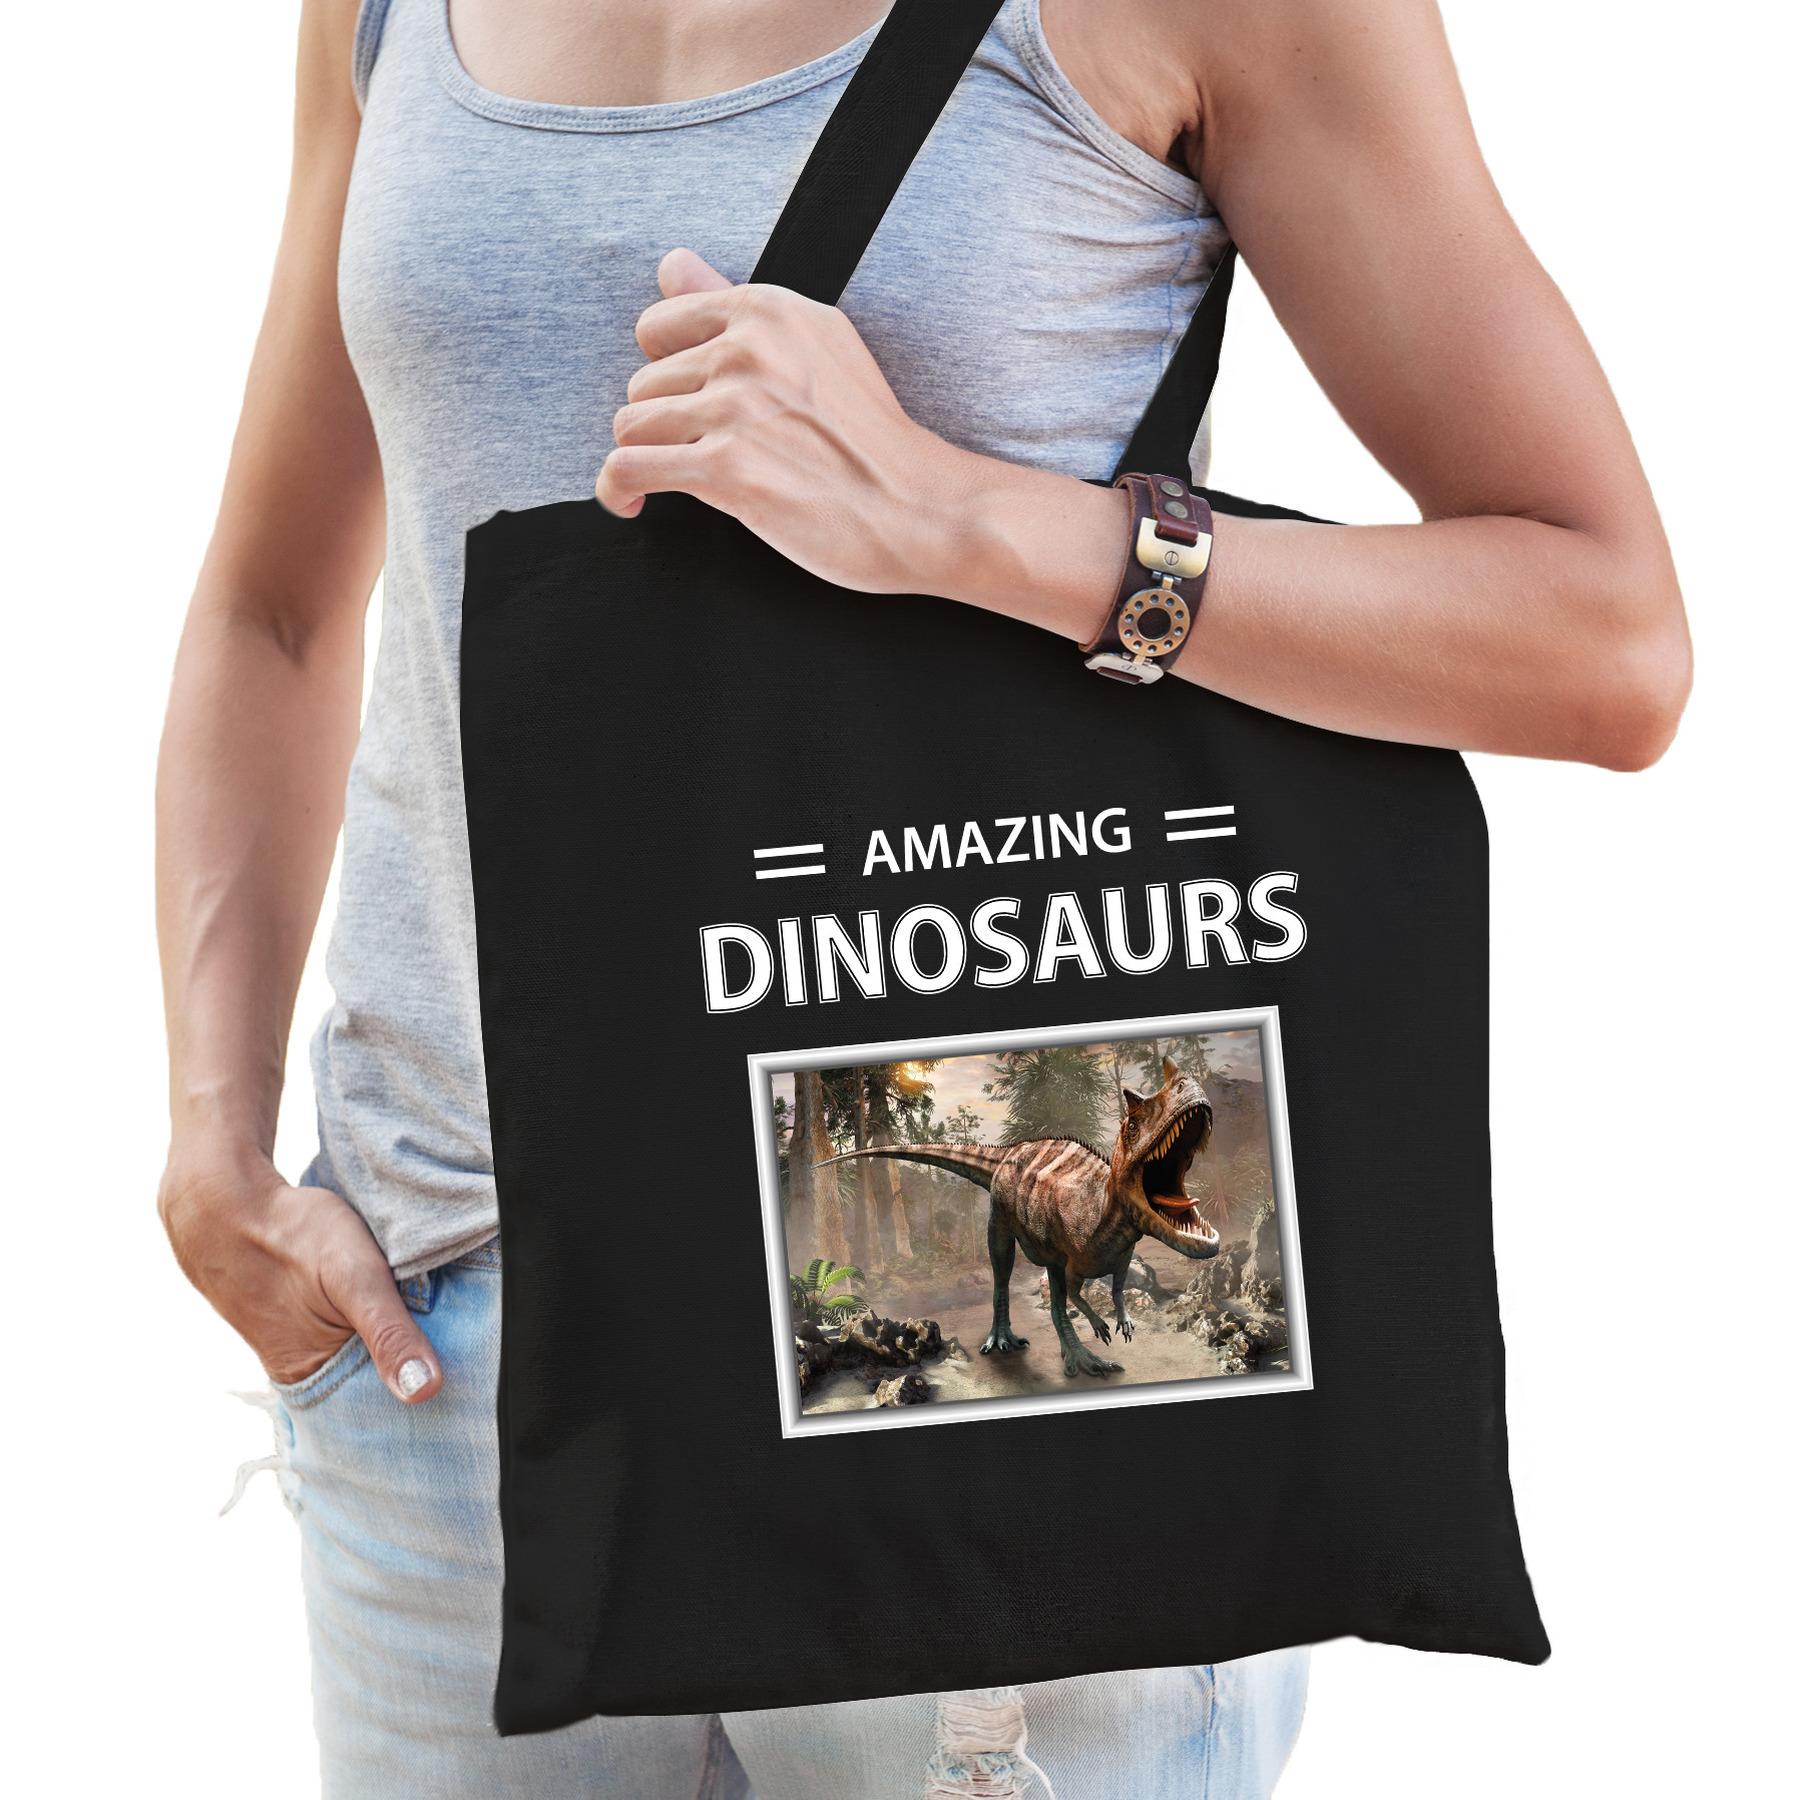 Katoenen tasje Carnotaurus dinosaurus zwart - amazing dinosaurs Carnotaurus dino cadeau tas